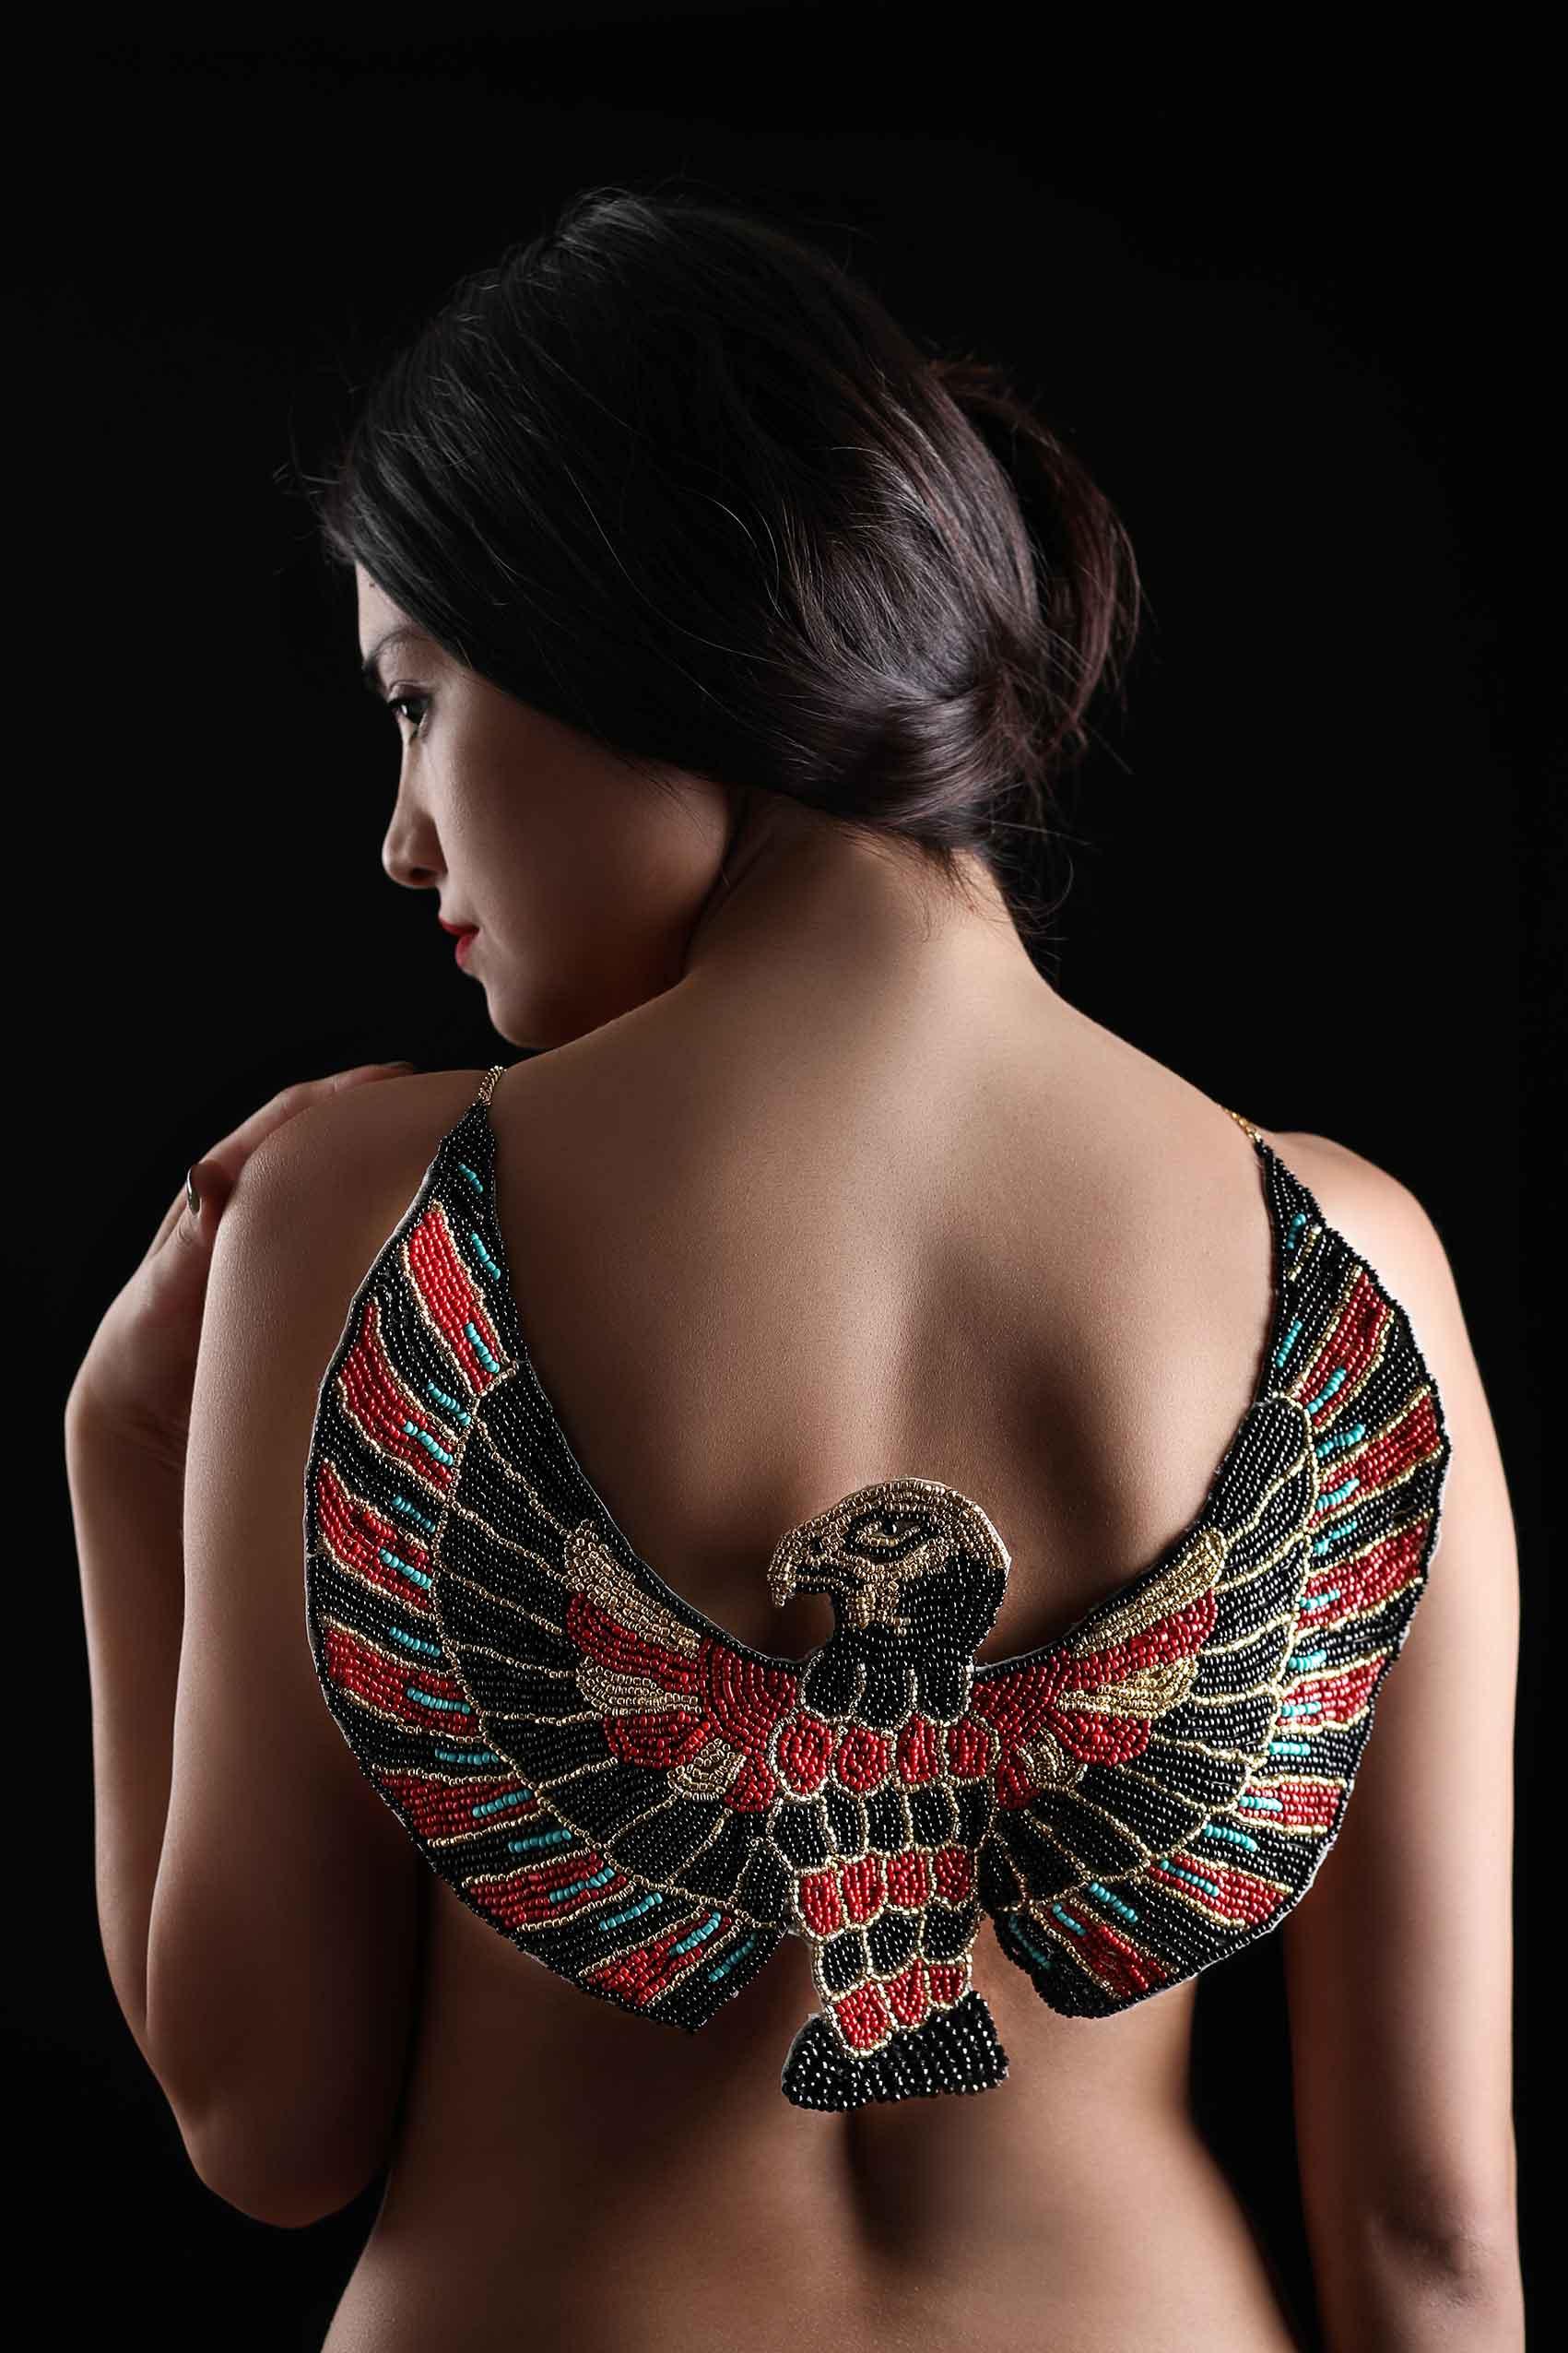 אופנה-אחוה-רחמינוב-תכשיטים-מגזין-אופנה